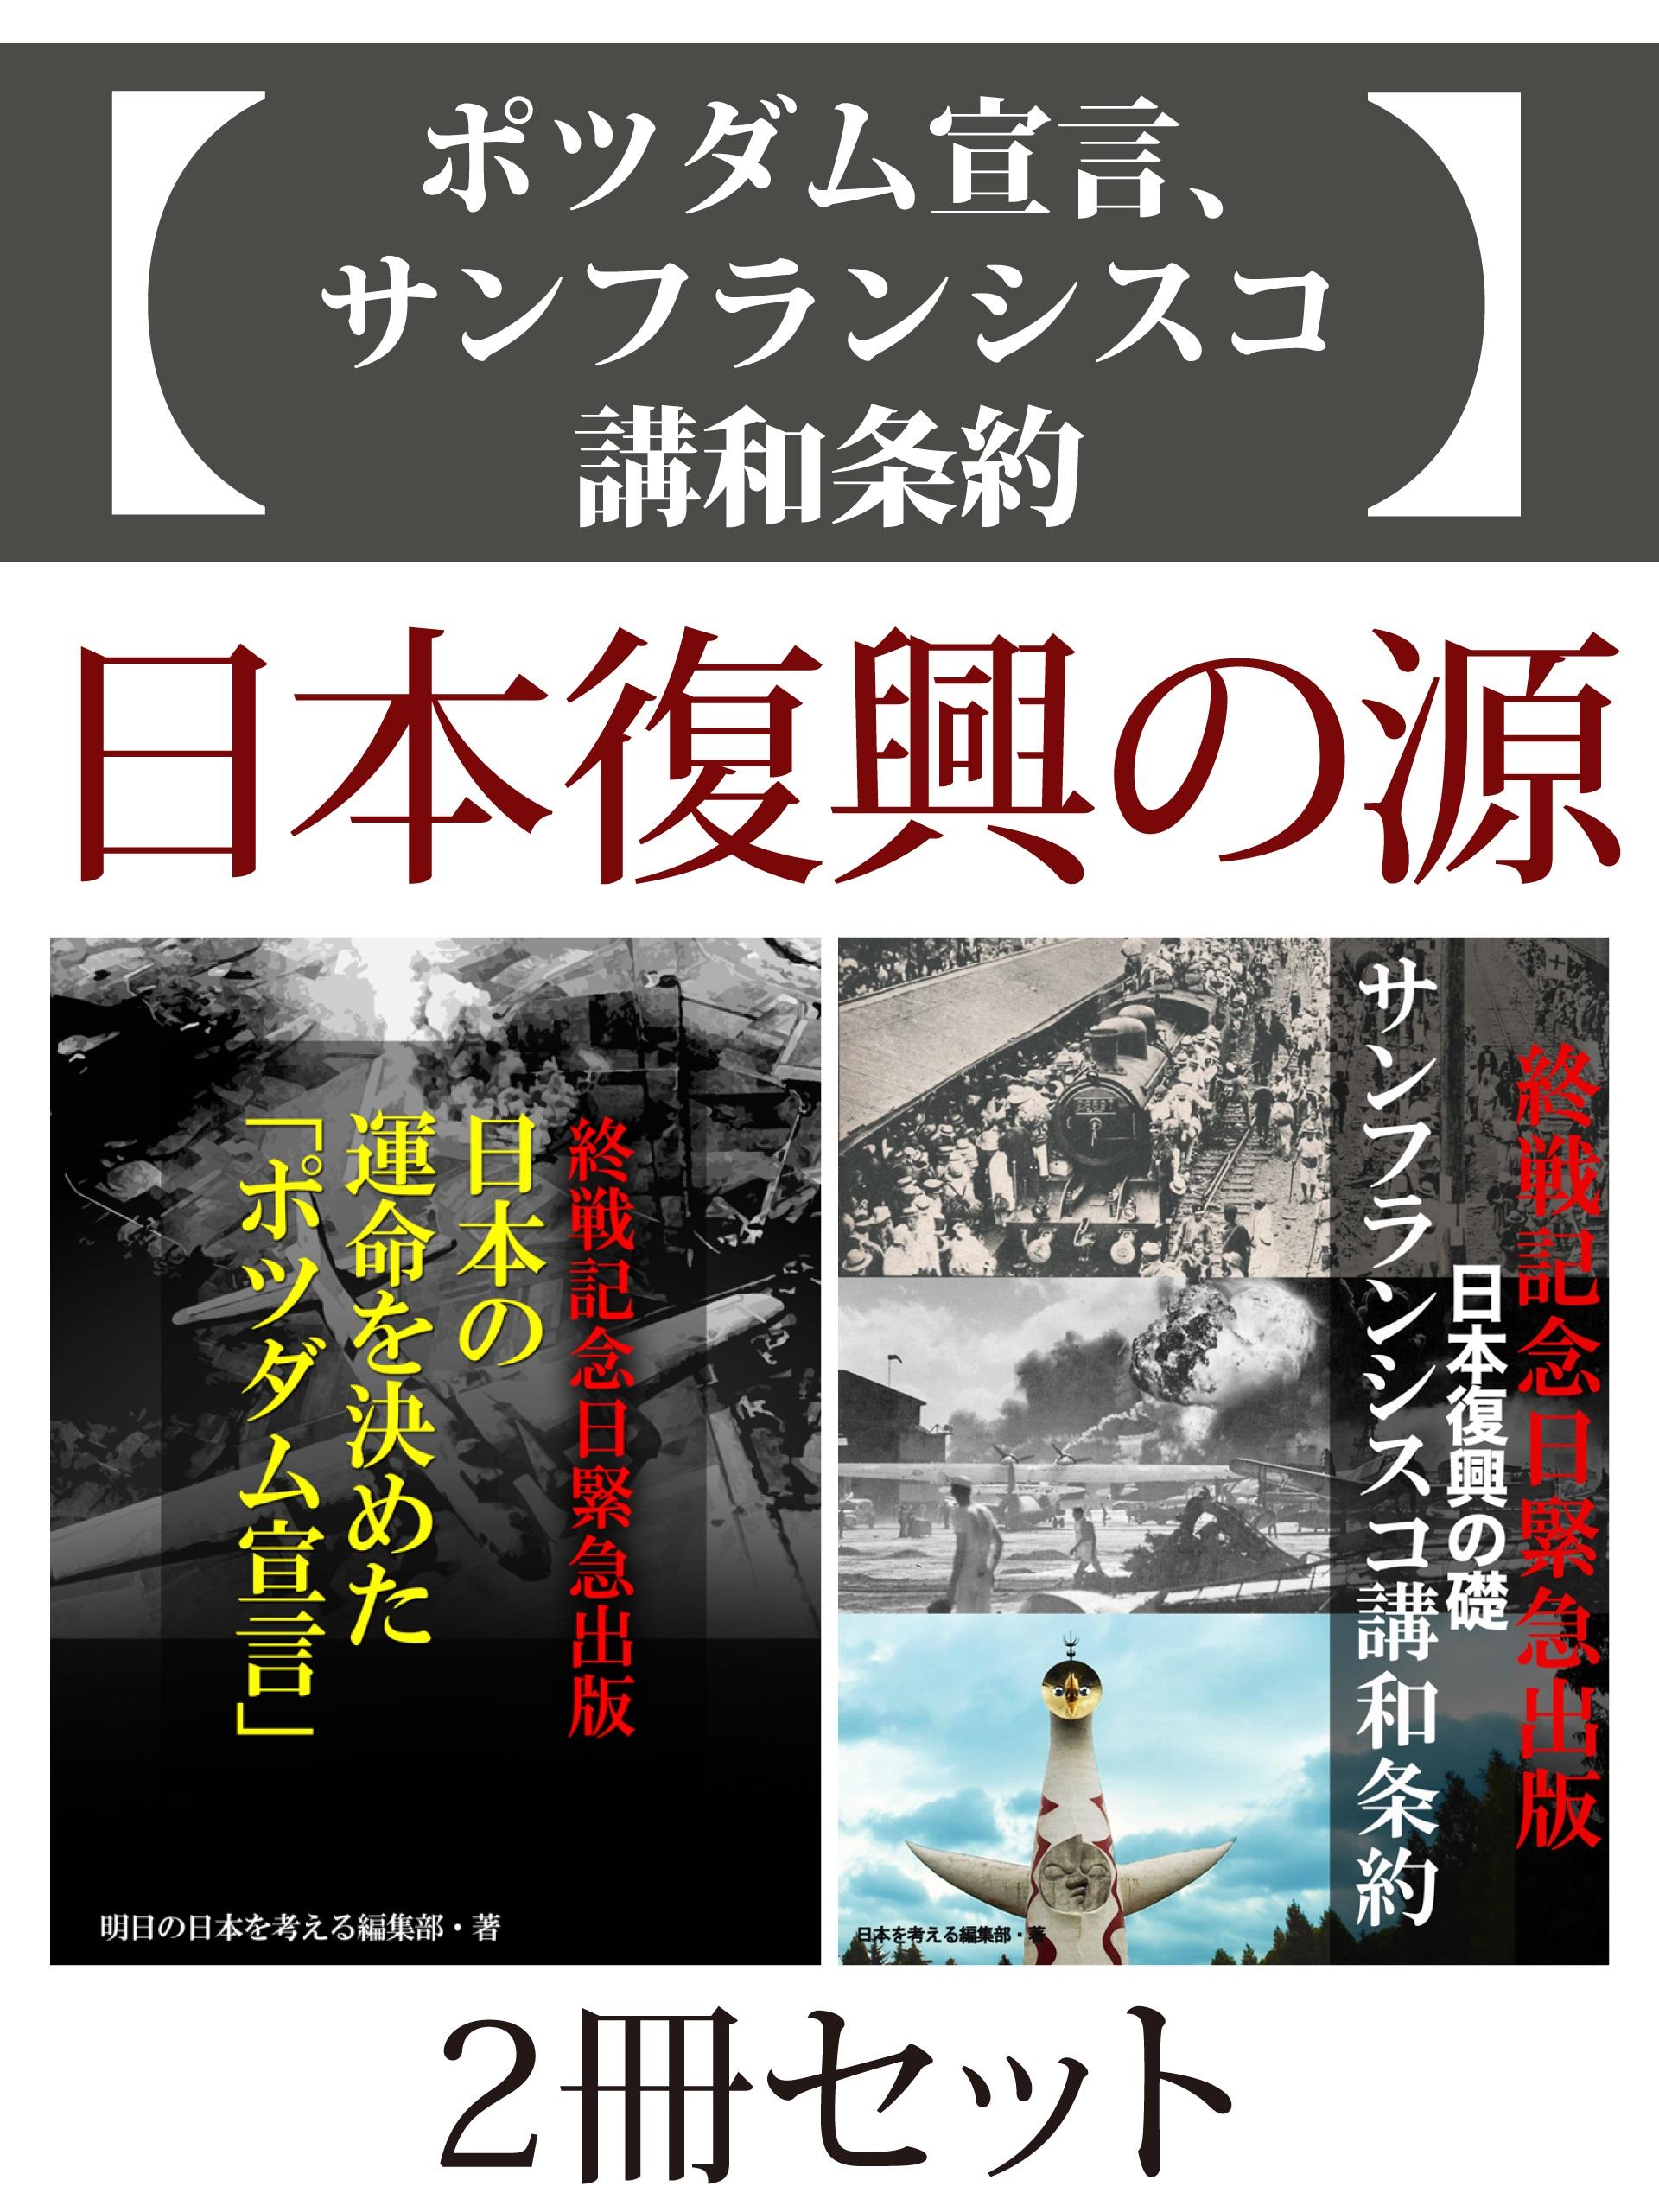 ポツダム宣言、サンフランシスコ講和条約 日本の復興の源2冊セット